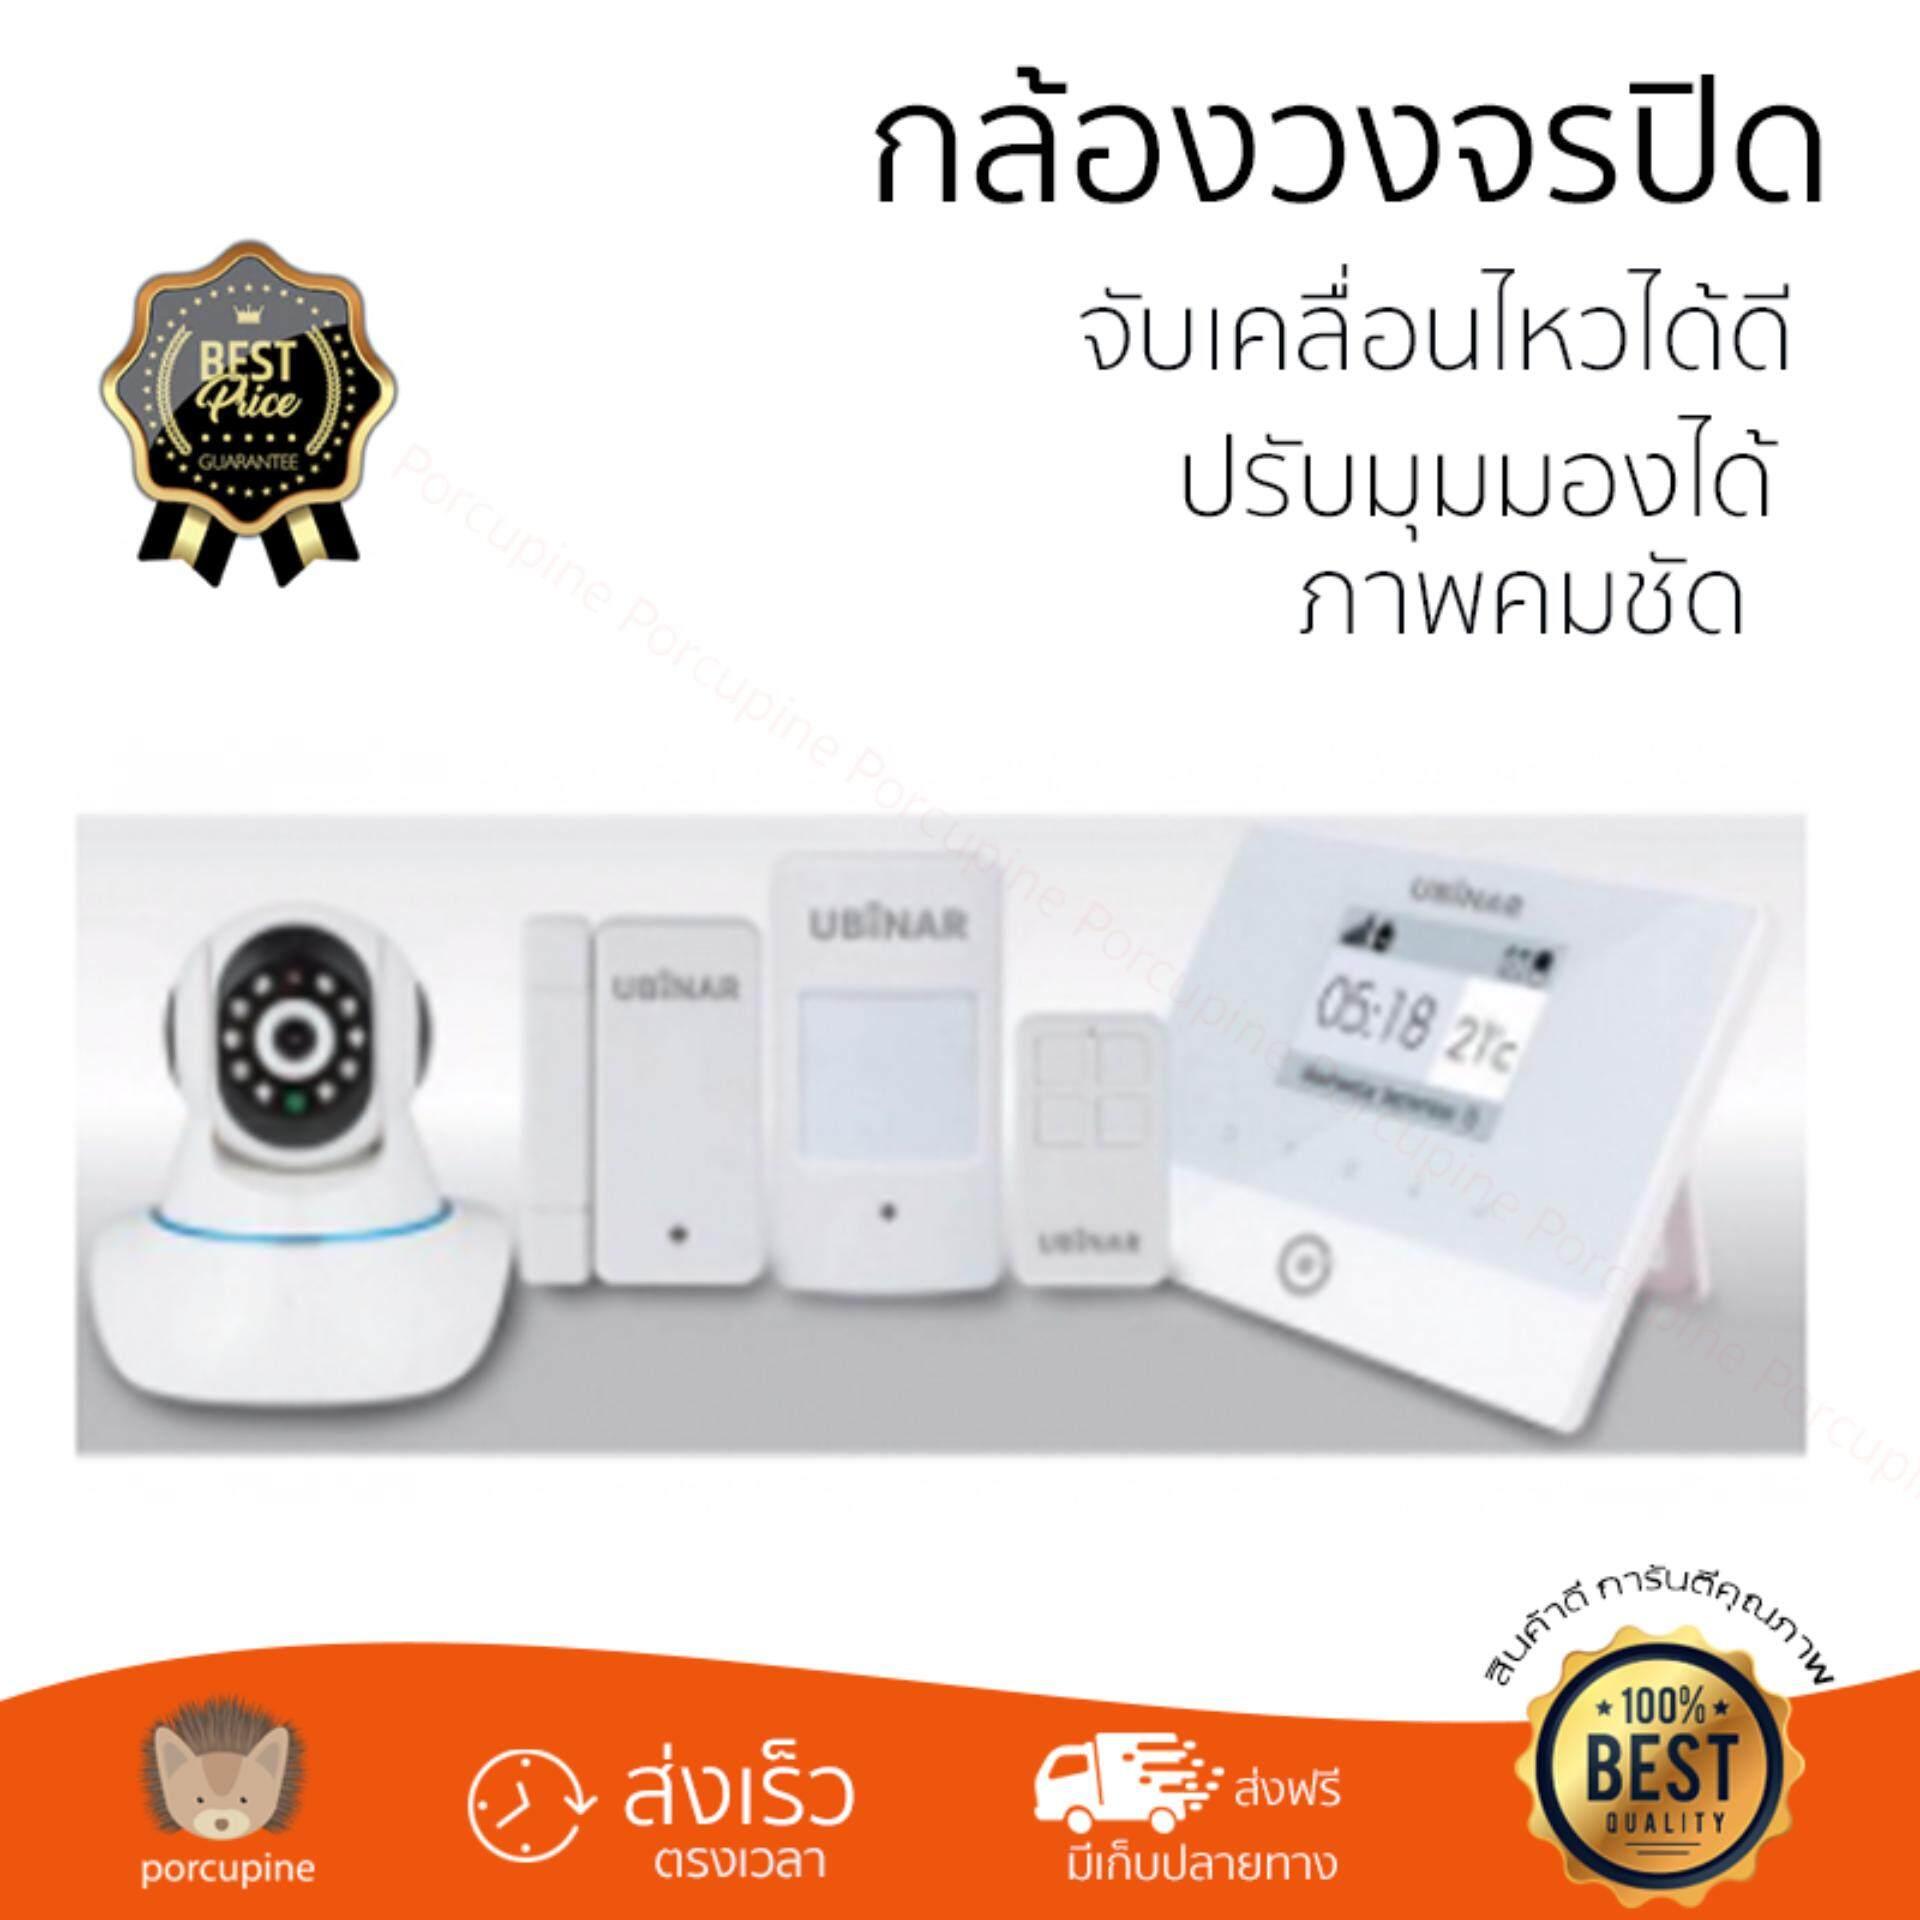 เก็บเงินปลายทางได้ โปรโมชัน กล้องวงจรปิด           UBINAR สัญญาณกันขโมยไร้สาย (สีขาว) รุ่น ADVANCED KIT             ภาพคมชัด ปรับมุมมองได้ กล้อง IP Camera รับประกันสินค้า 1 ปี จัดส่งฟรี Kerry ทั่วประเ